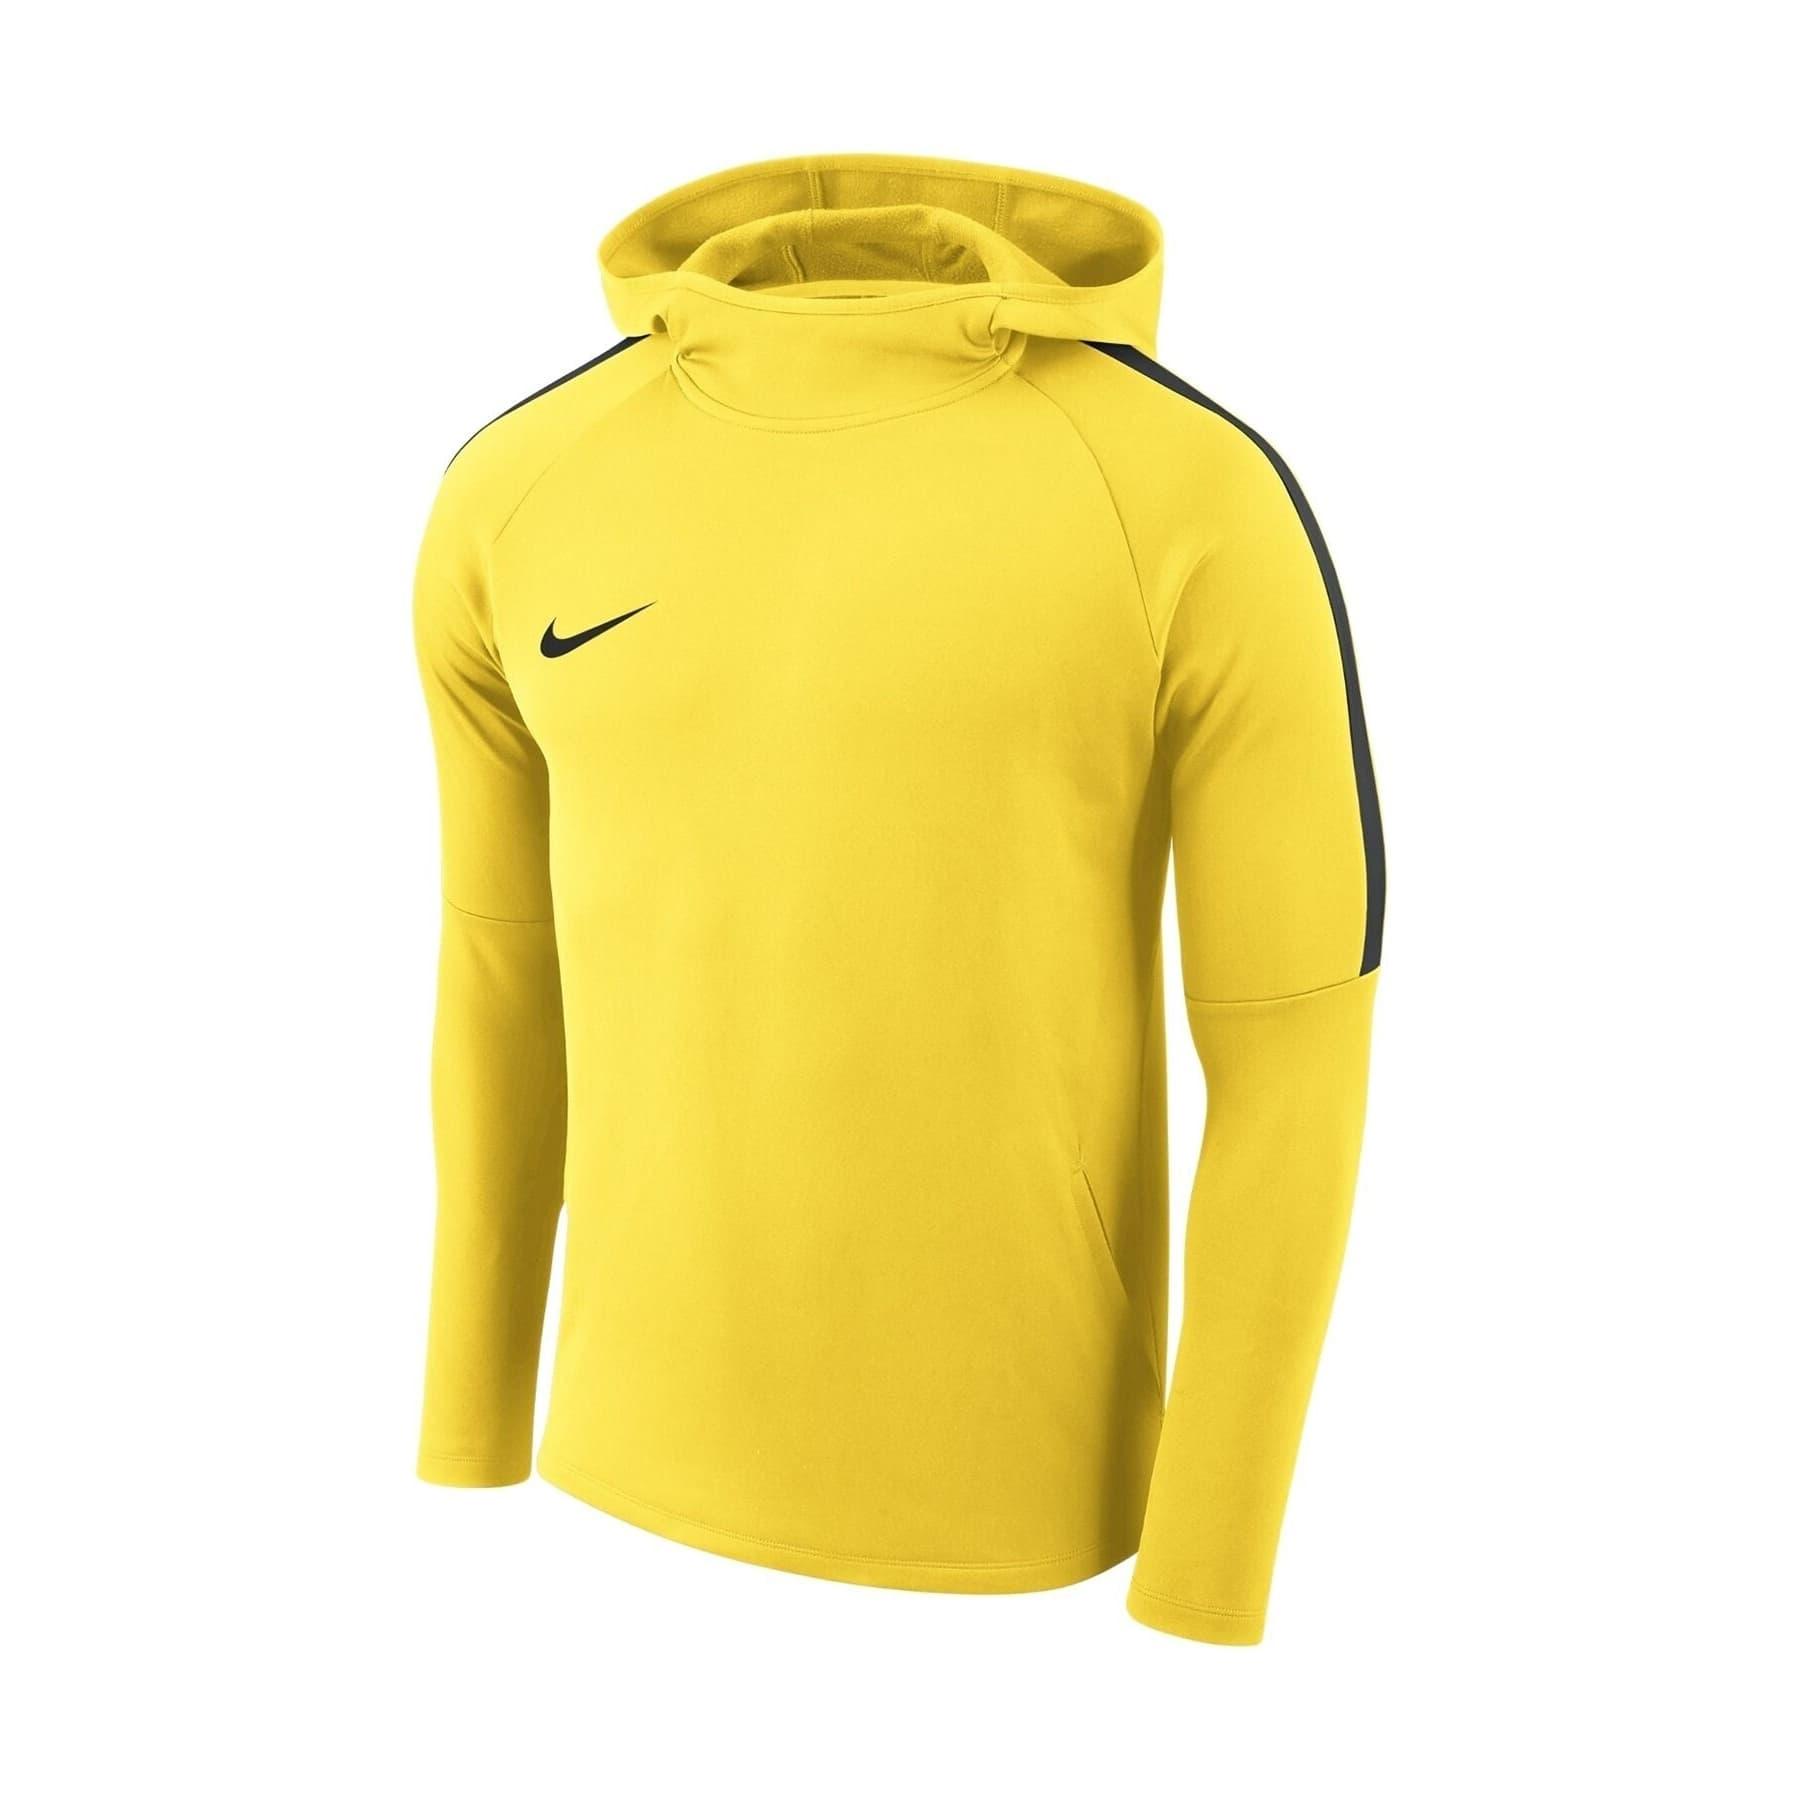 Dry Academy 18 Erkek Sarı Sweatshirt (AH9608-719)